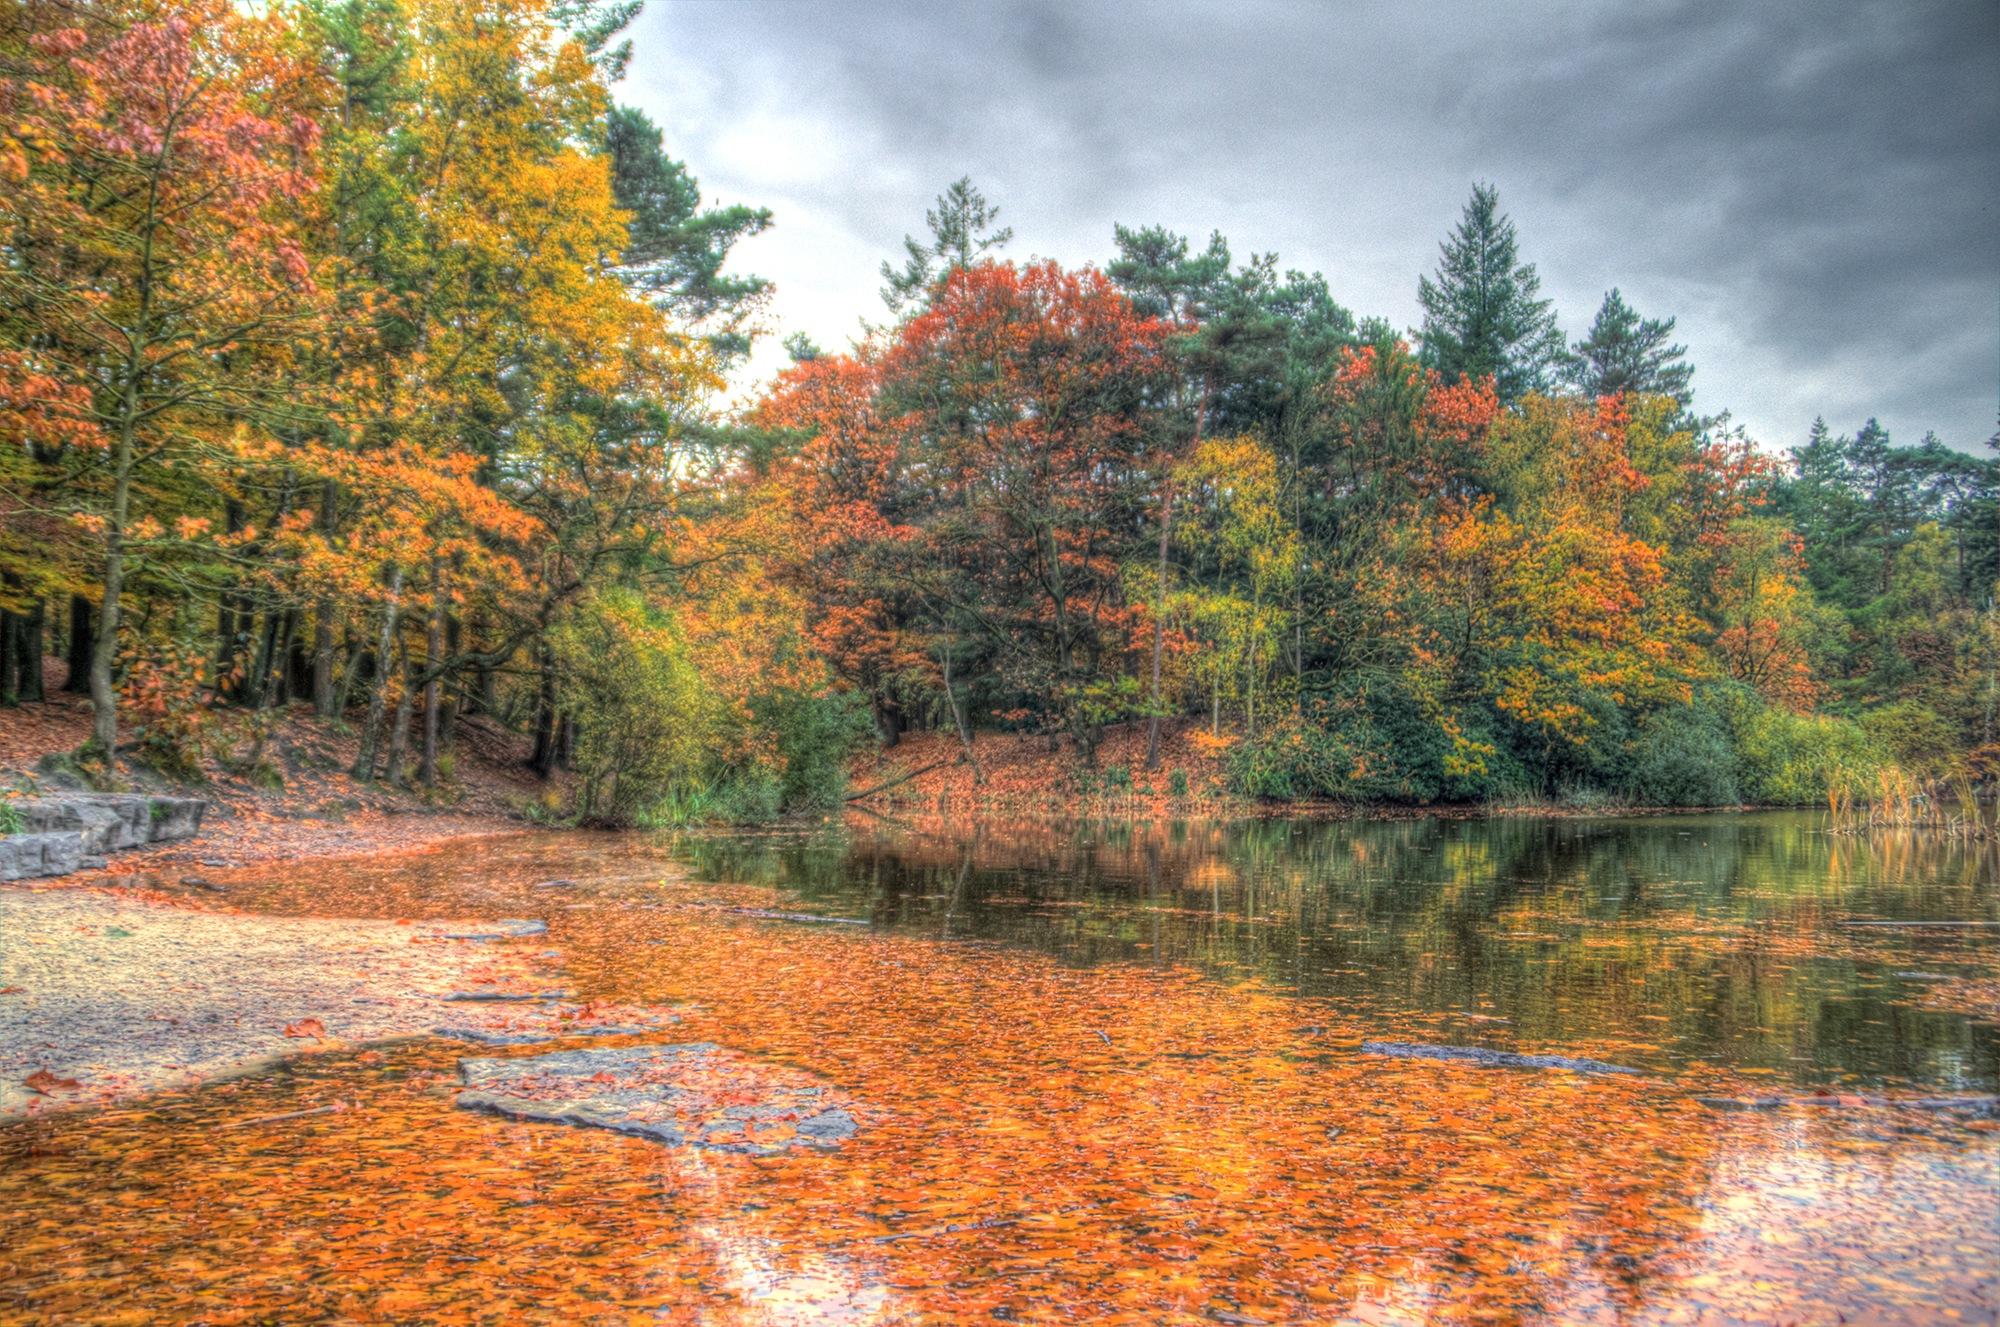 Autumn XII by Watze D. de Haan